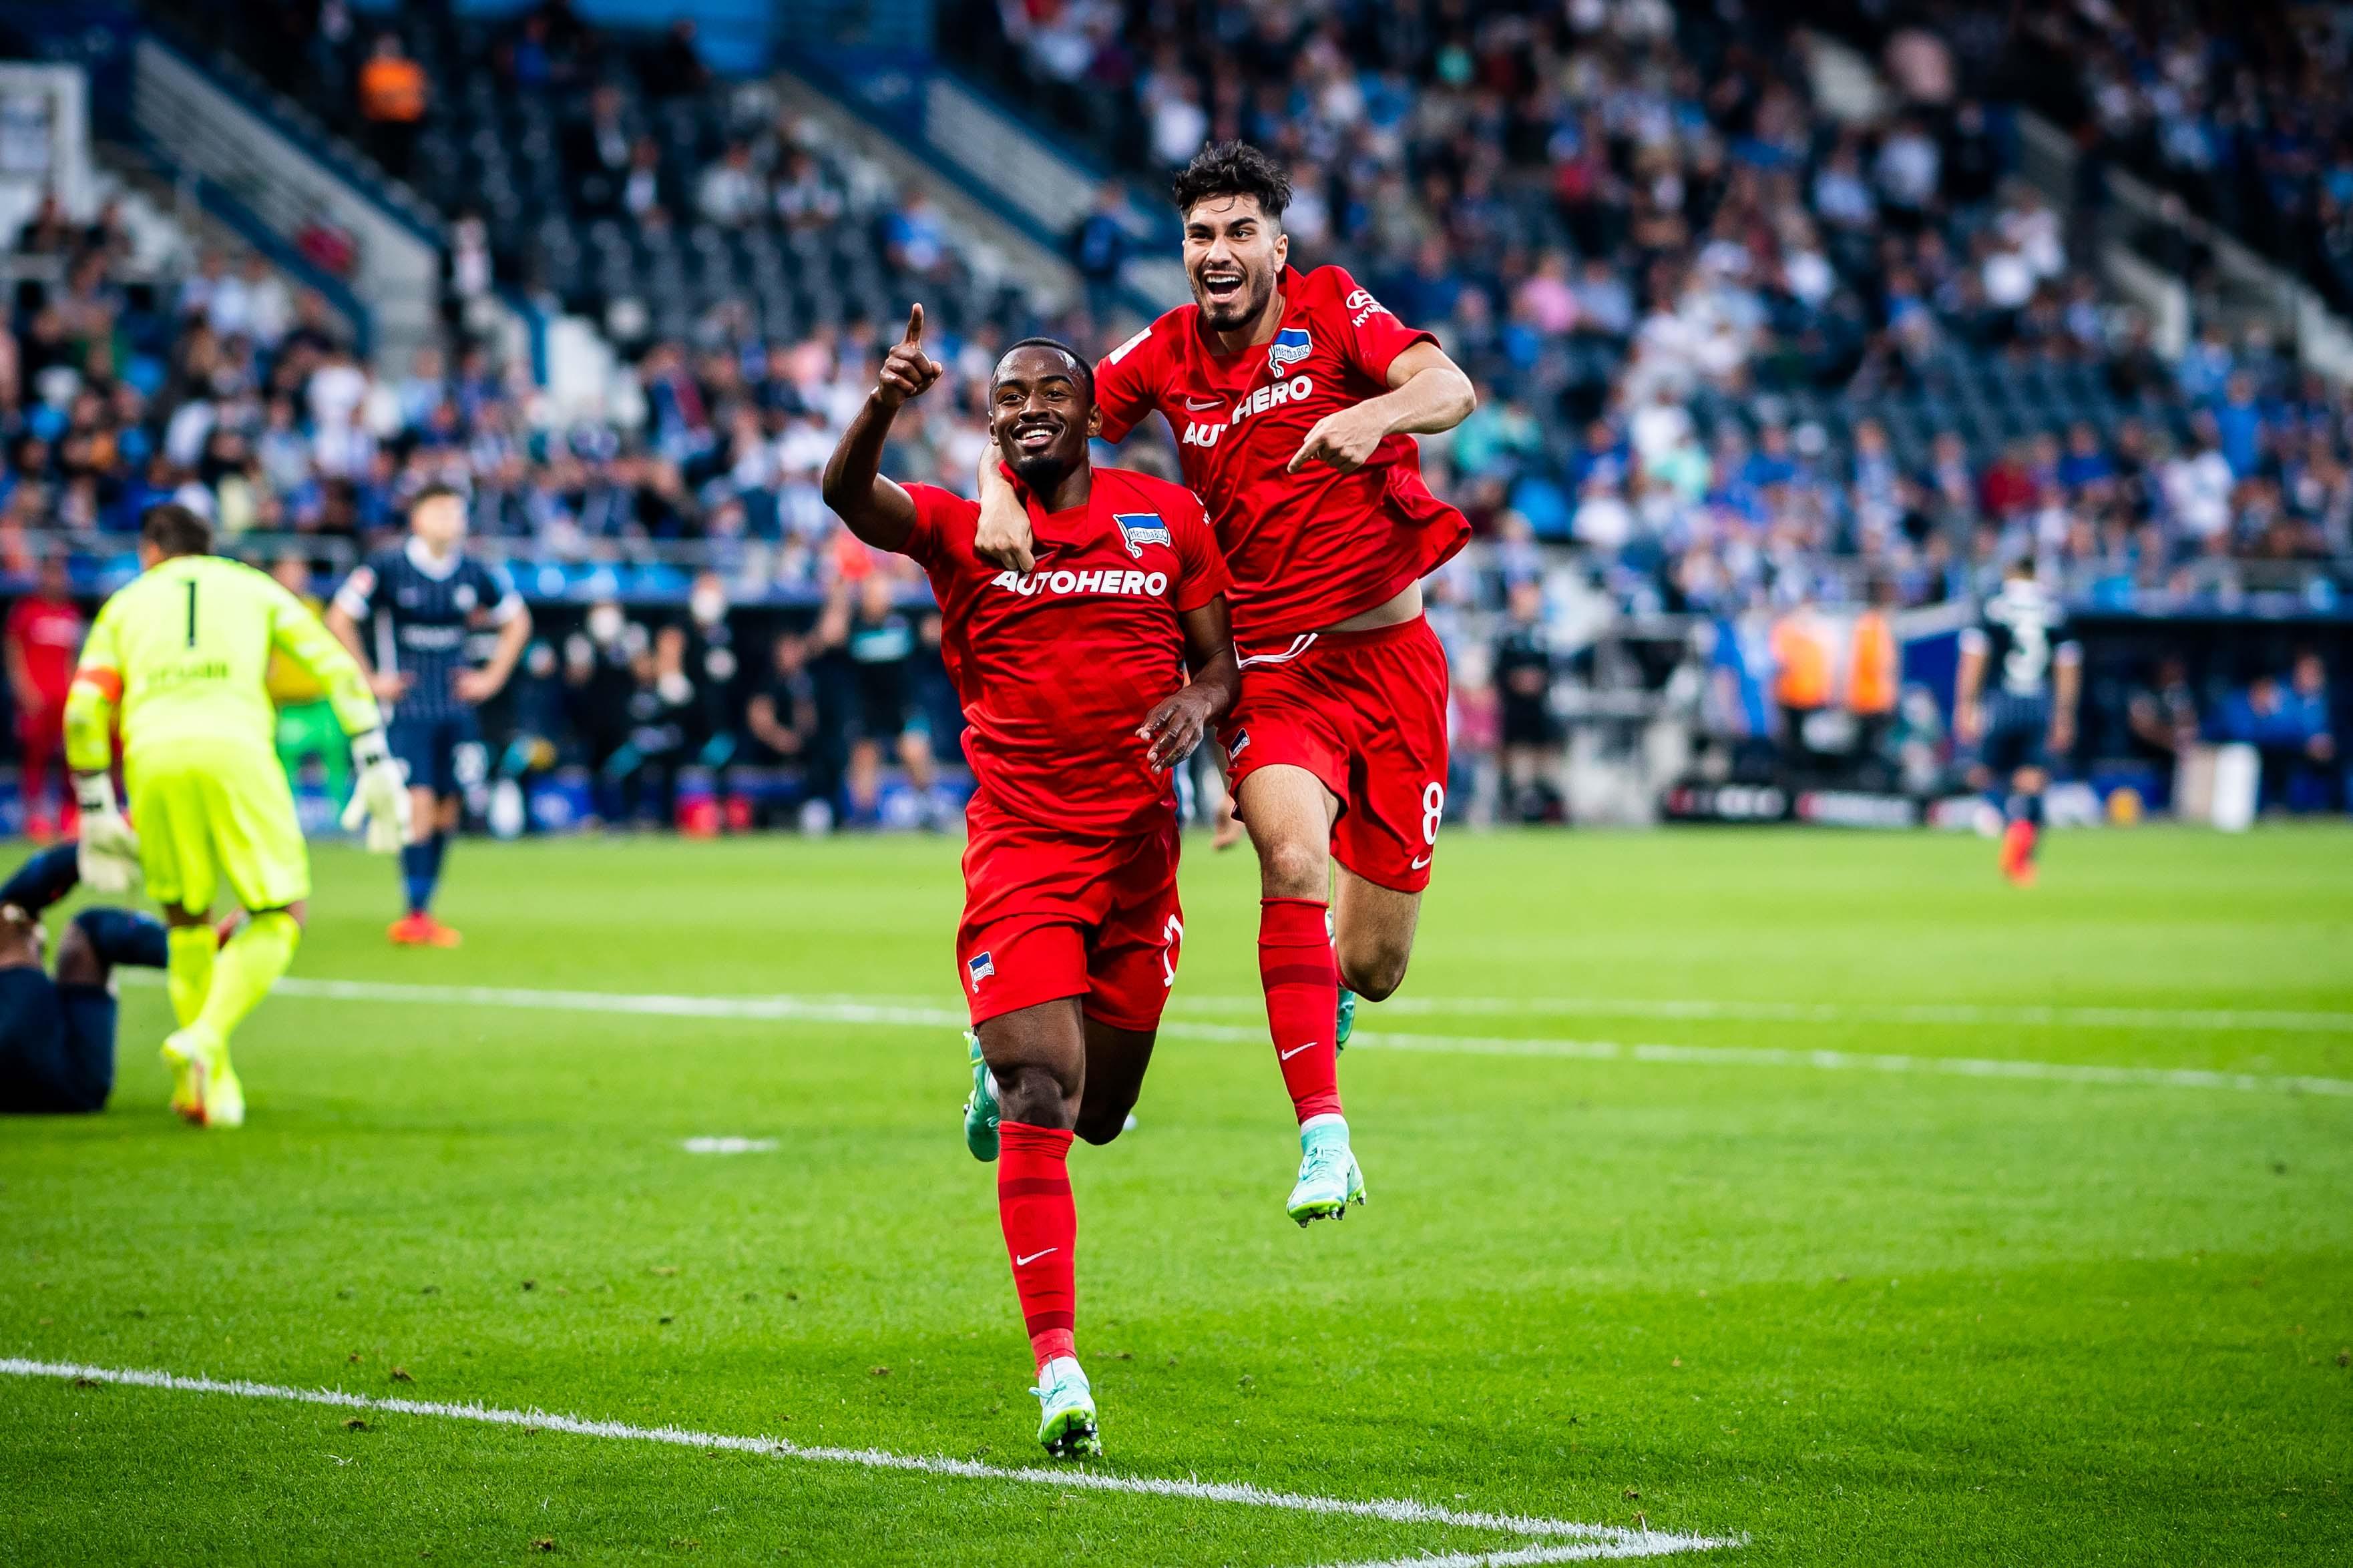 Myziane Maolida y Suat Serdar celebran el 1-3 en Bochum.